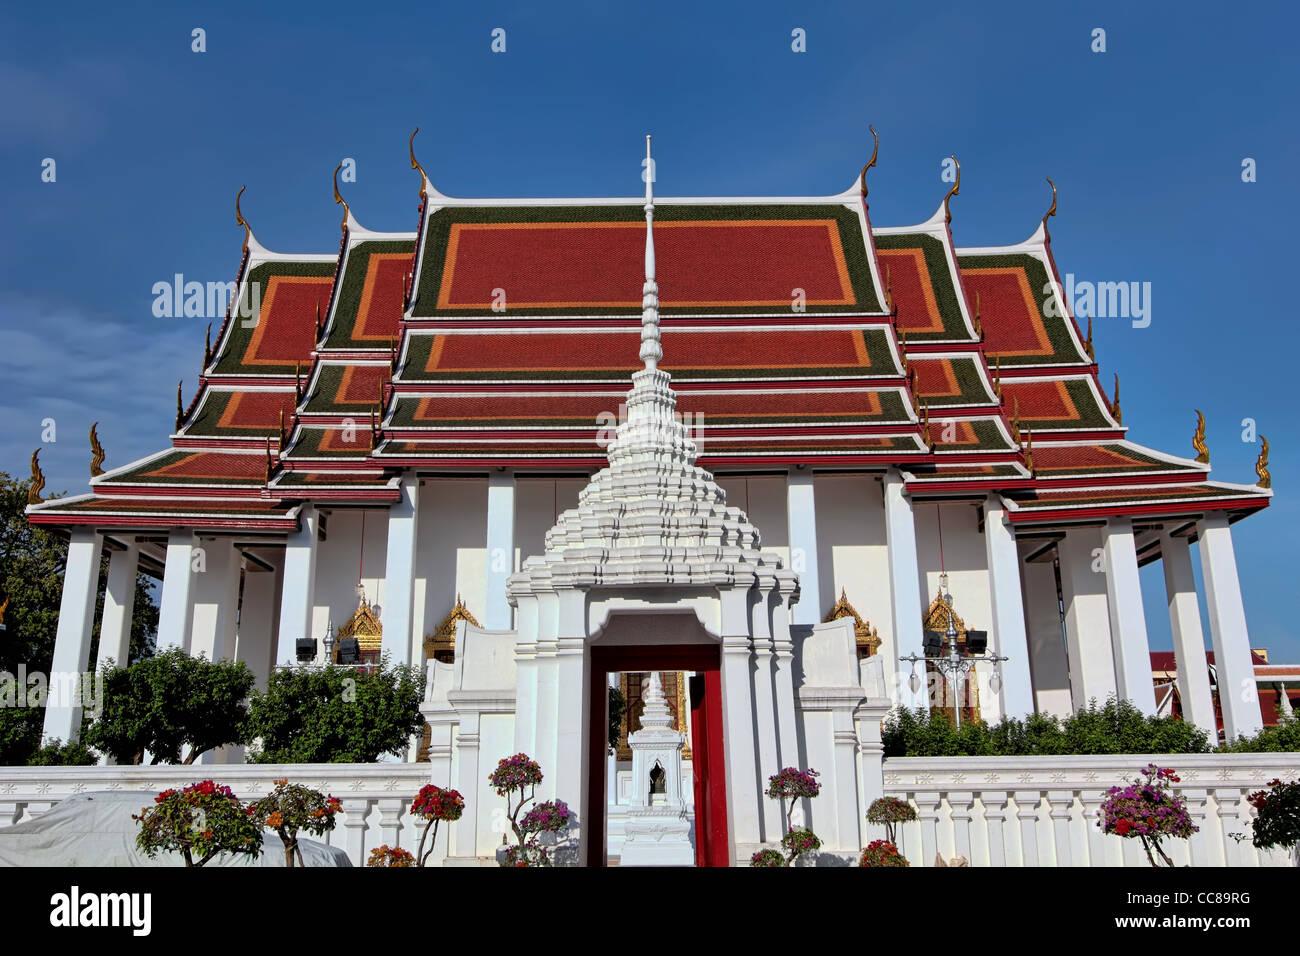 View of Main Bot/Wihan (Temple Hall) at Wat Ratchanadda - Stock Image